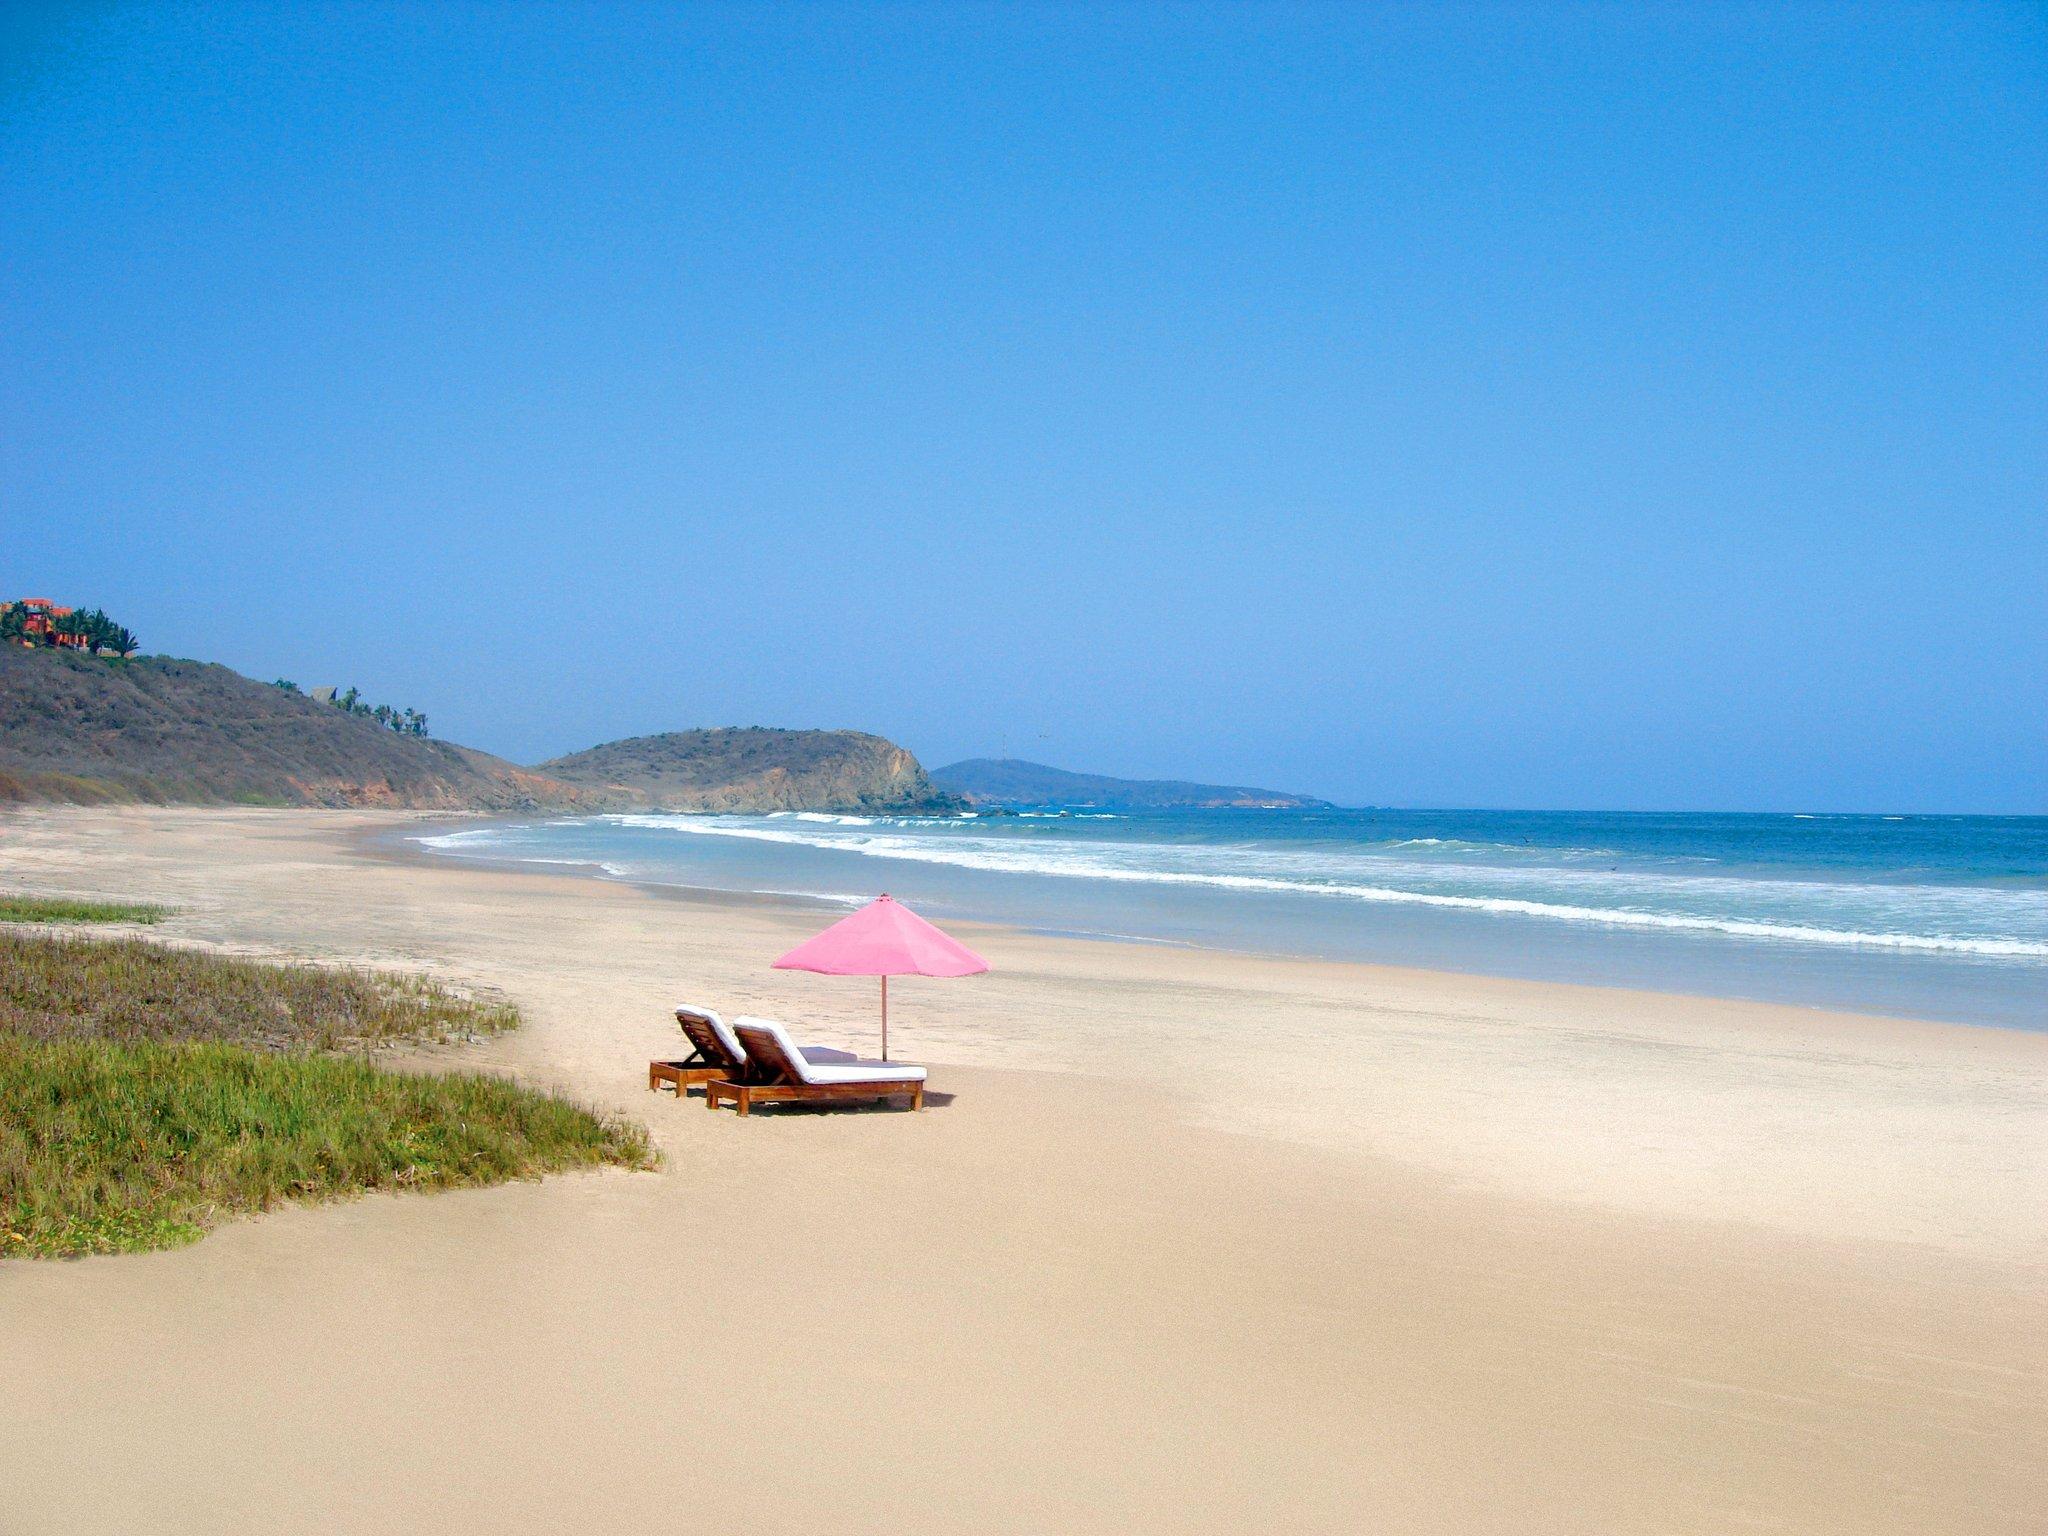 4.Private_Beach_S